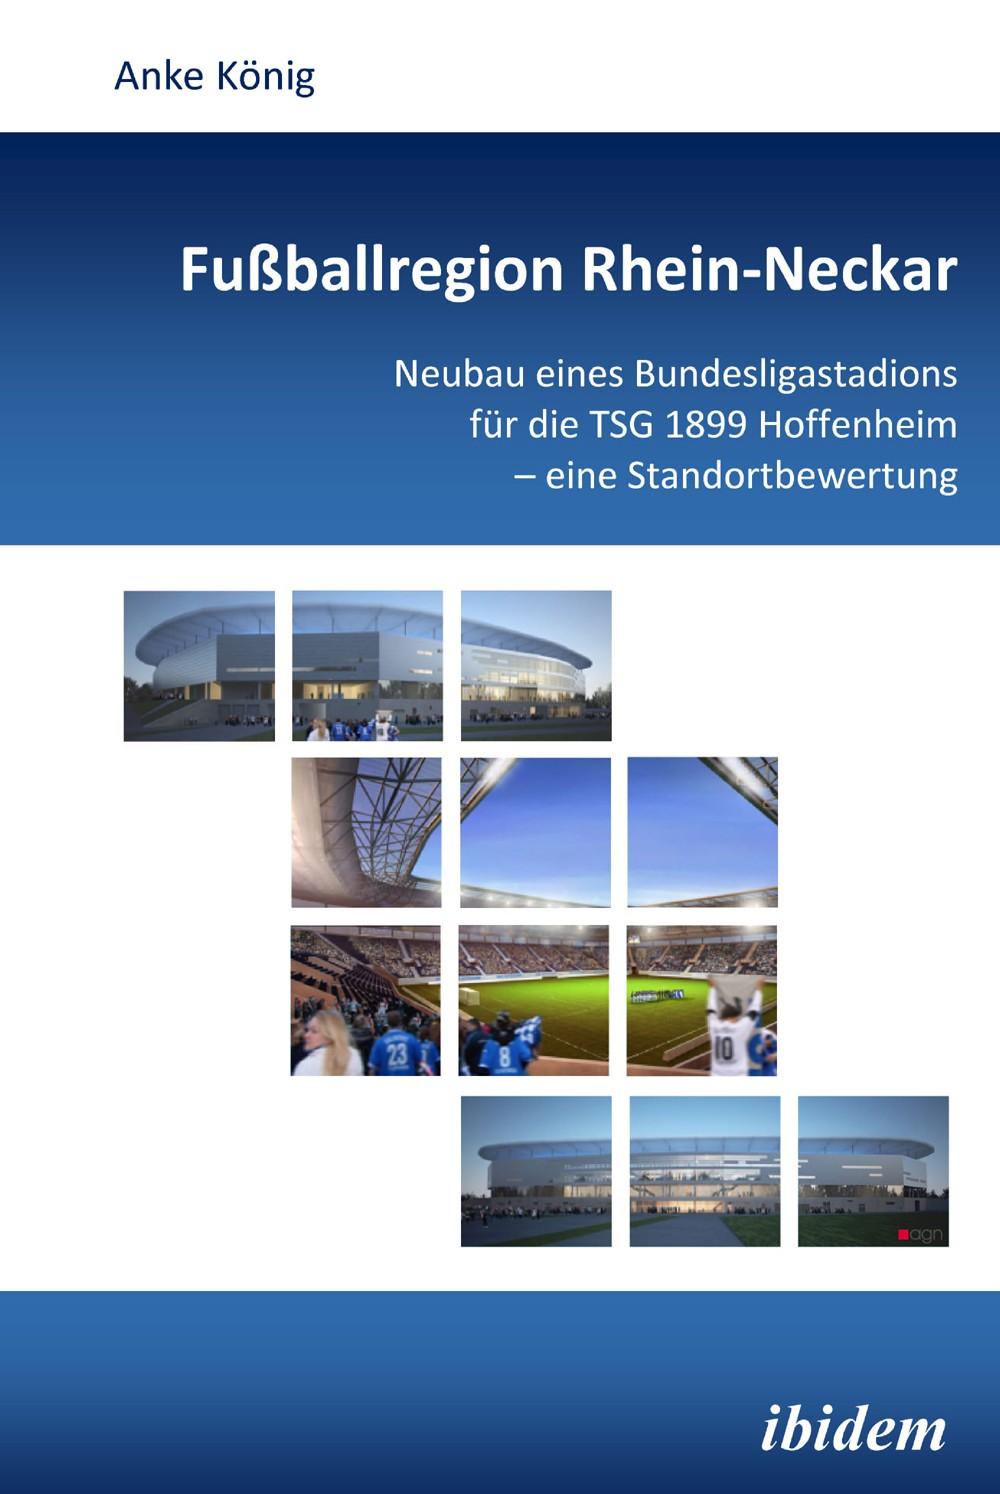 Fußballregion Rhein-Neckar